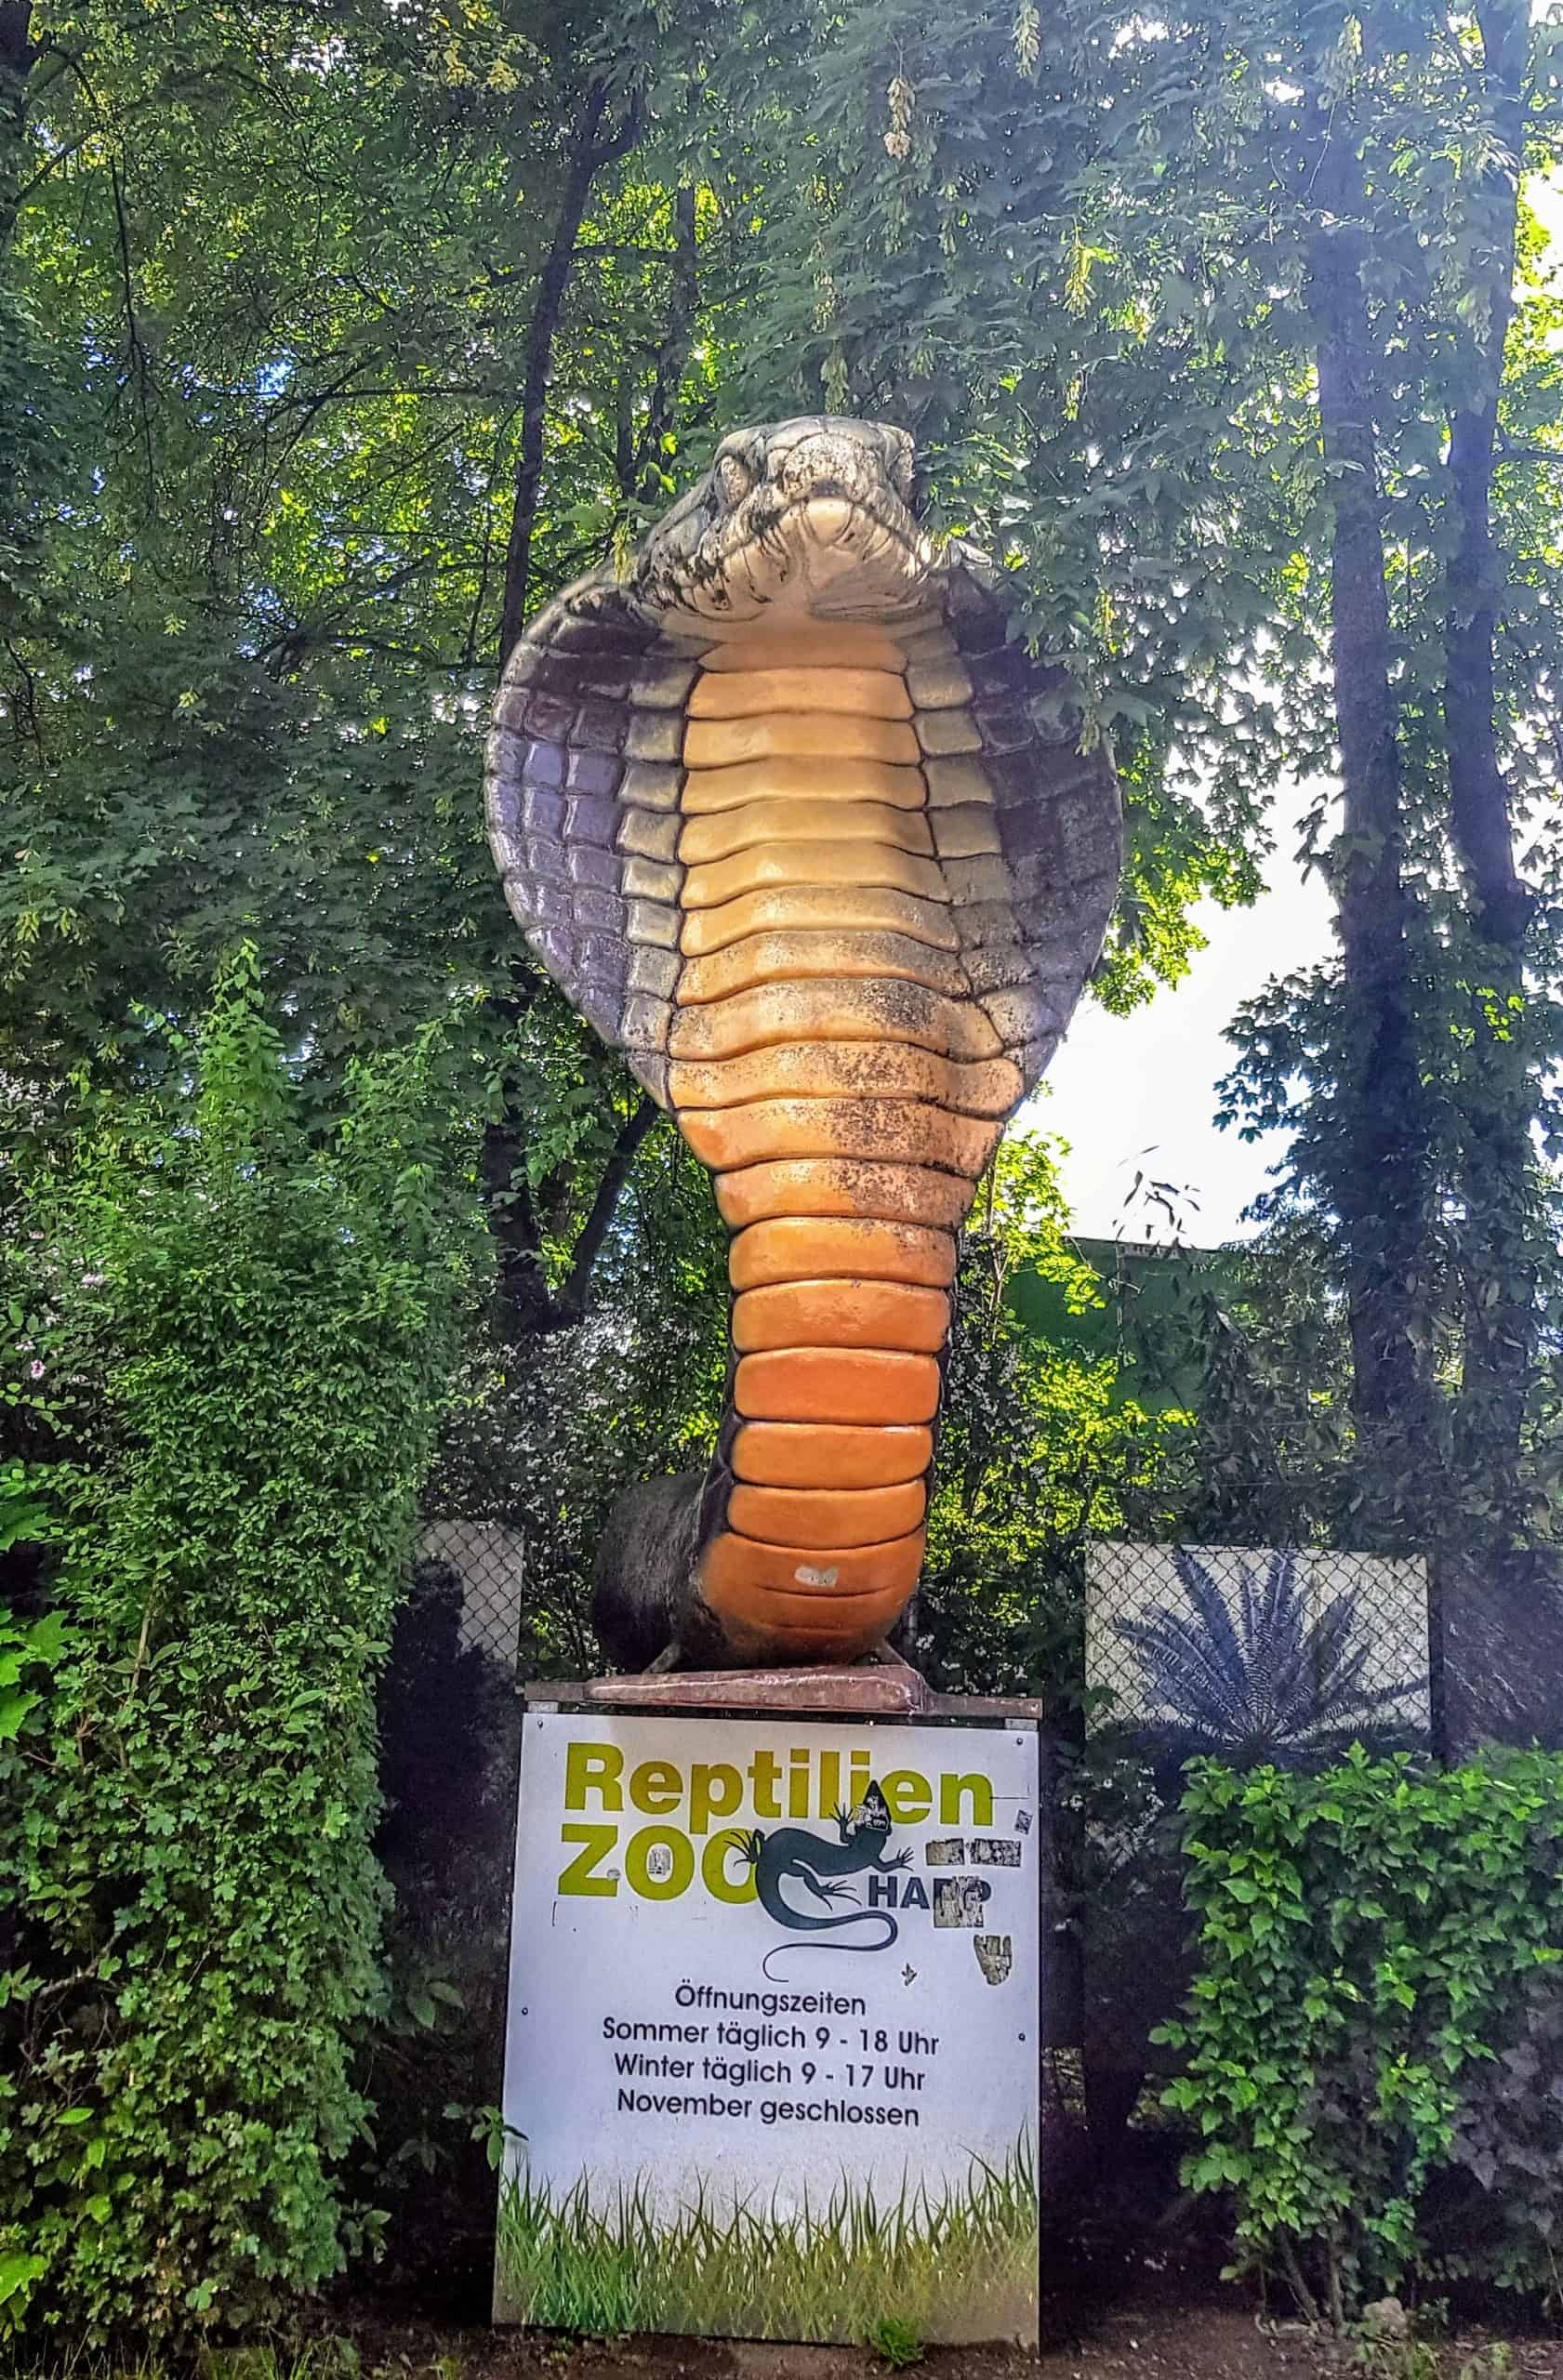 ganzjährig geöffnet - Reptilienzoo Happ - Außenbereich